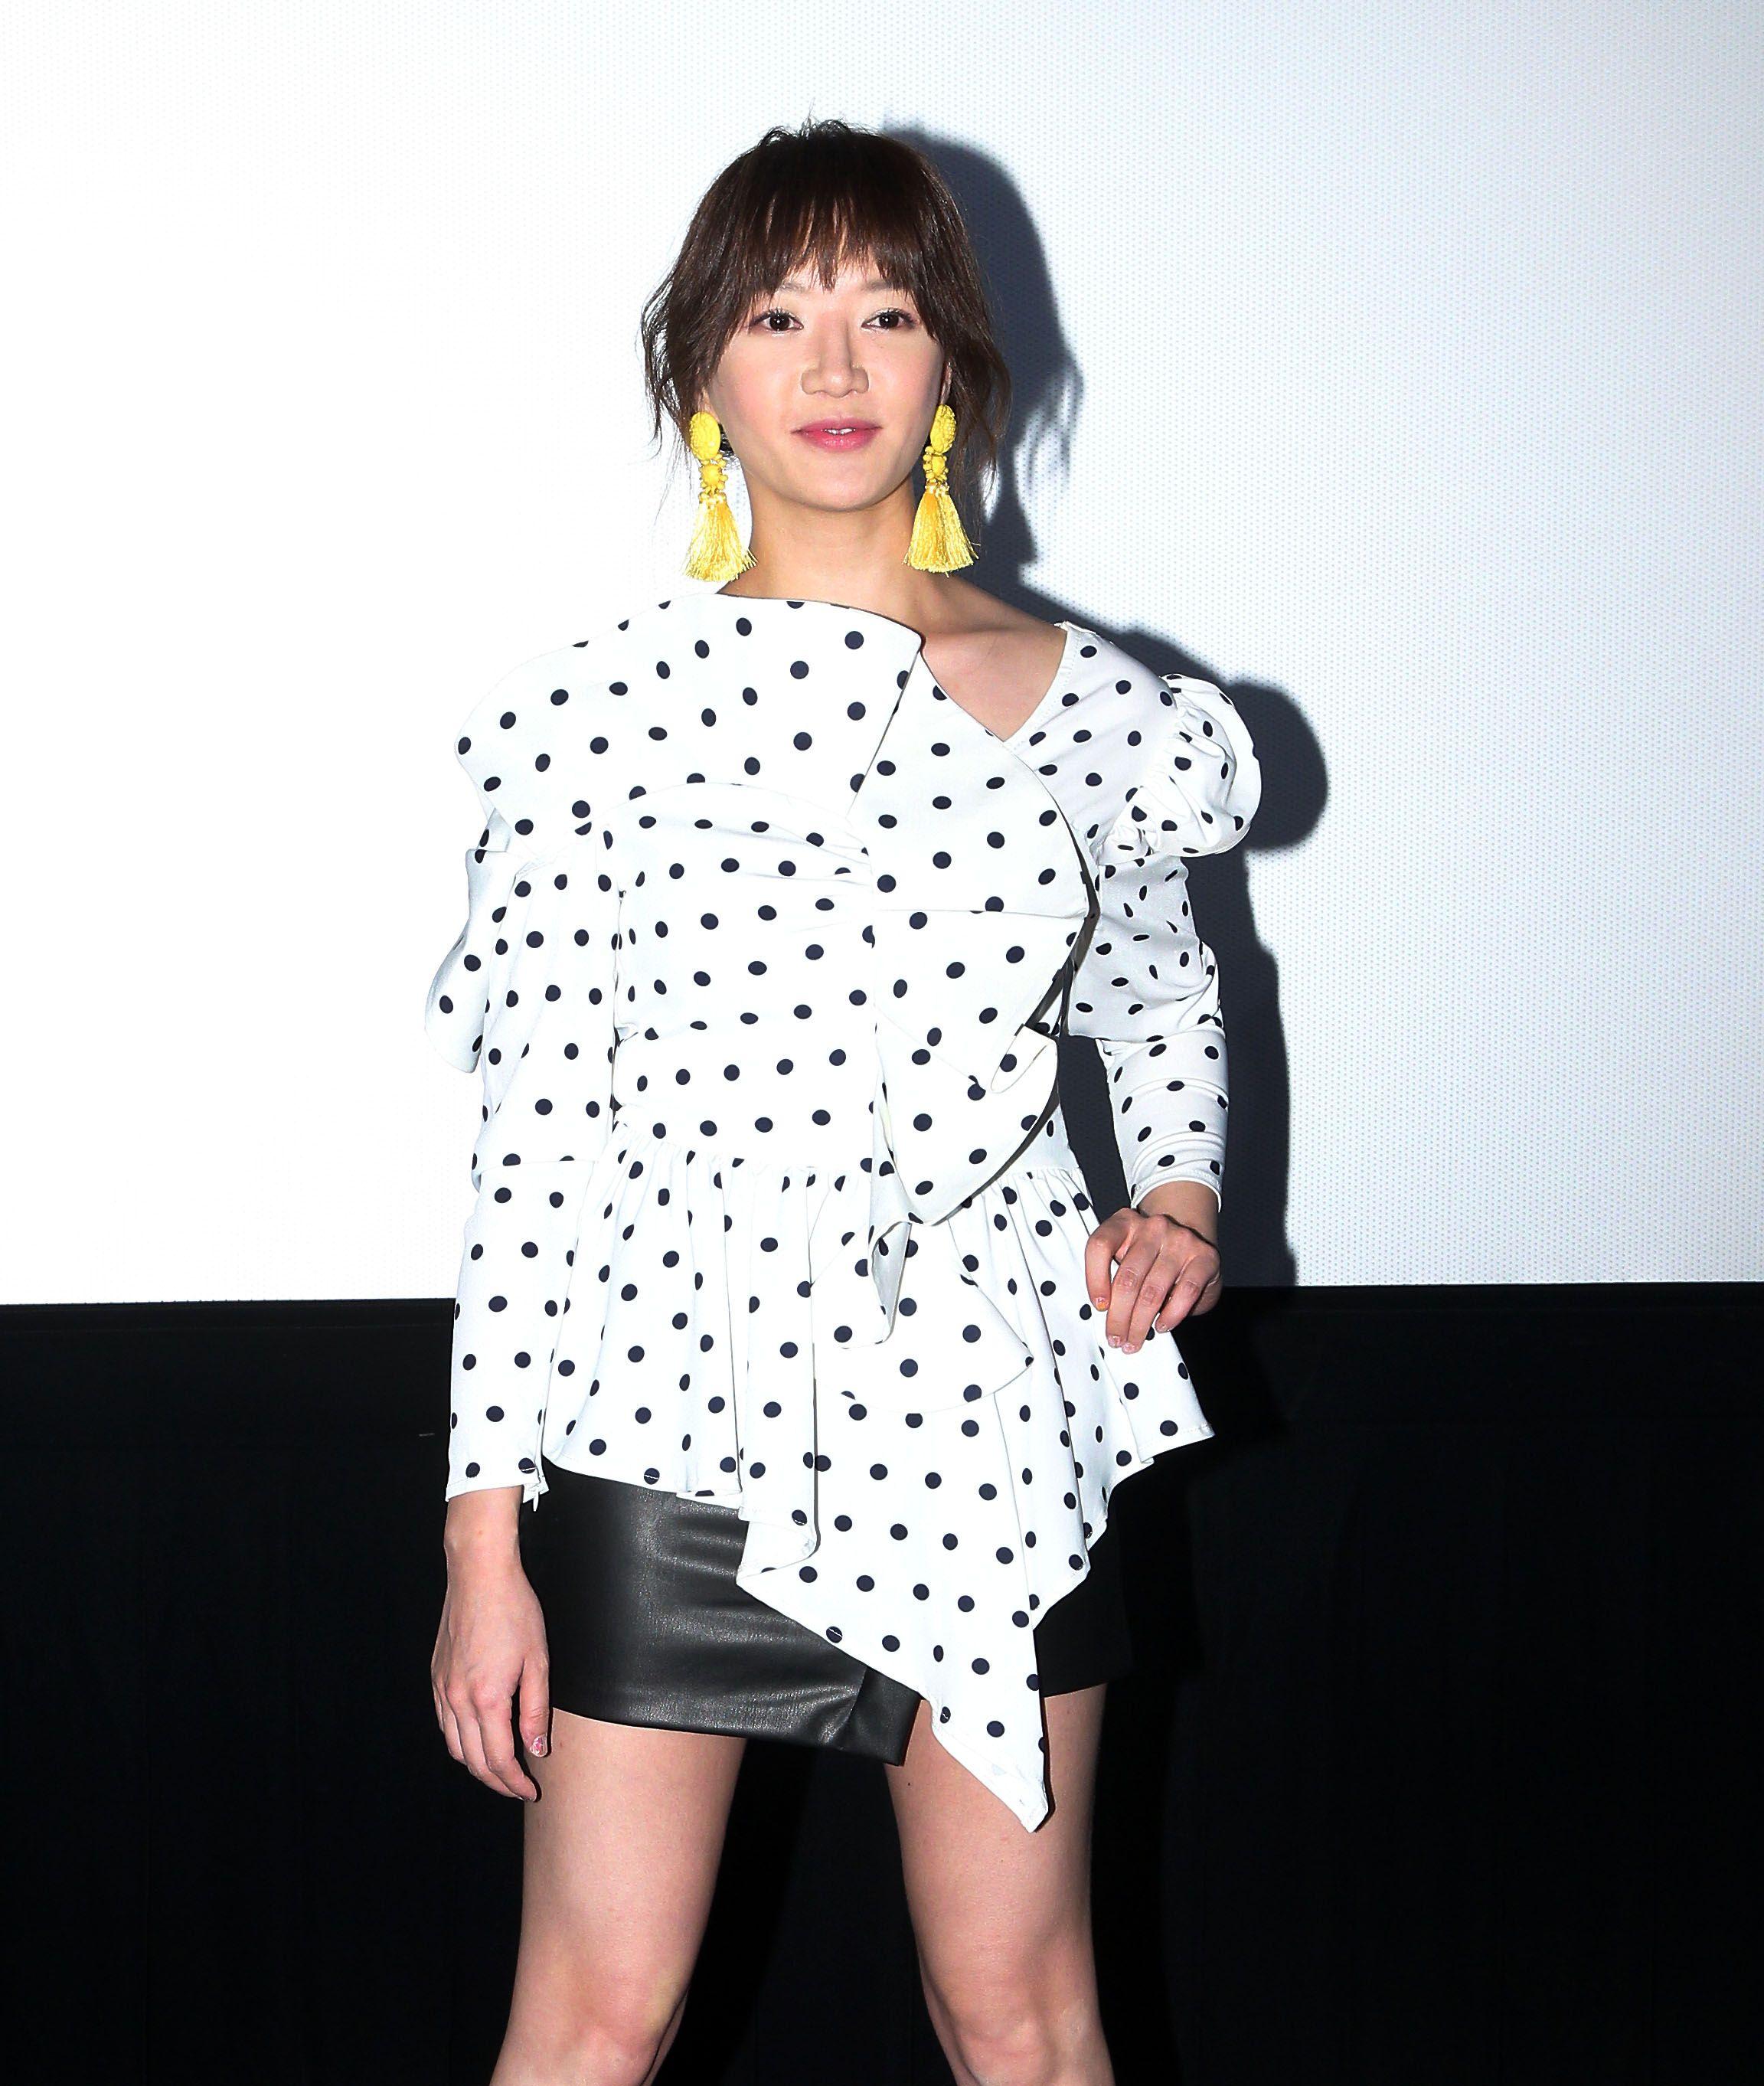 「前男友不是人」演員李杏。(記者邱榮吉/攝影)